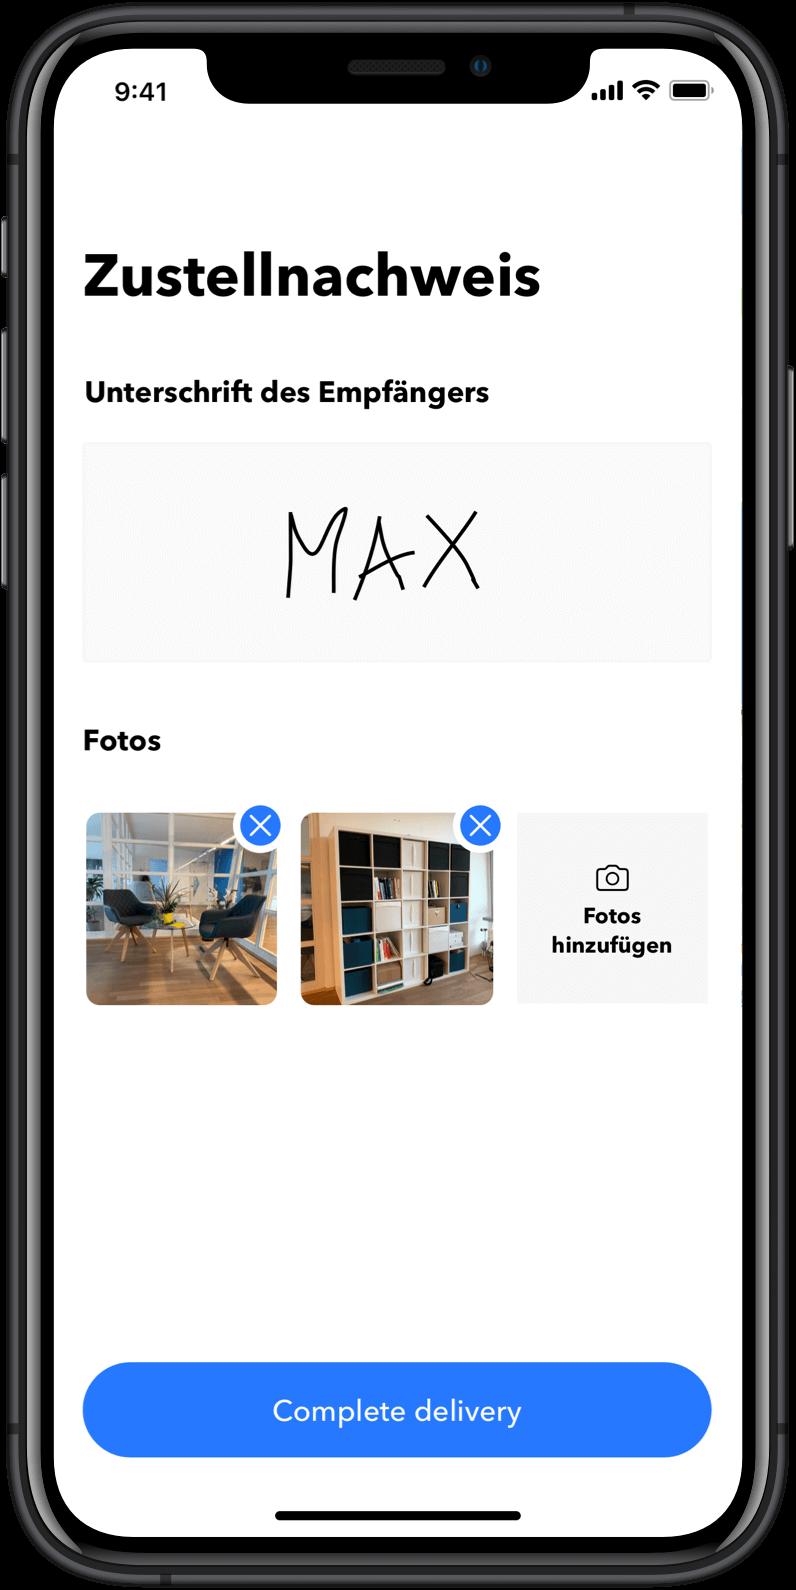 Kurier-App: Zustellnachweis